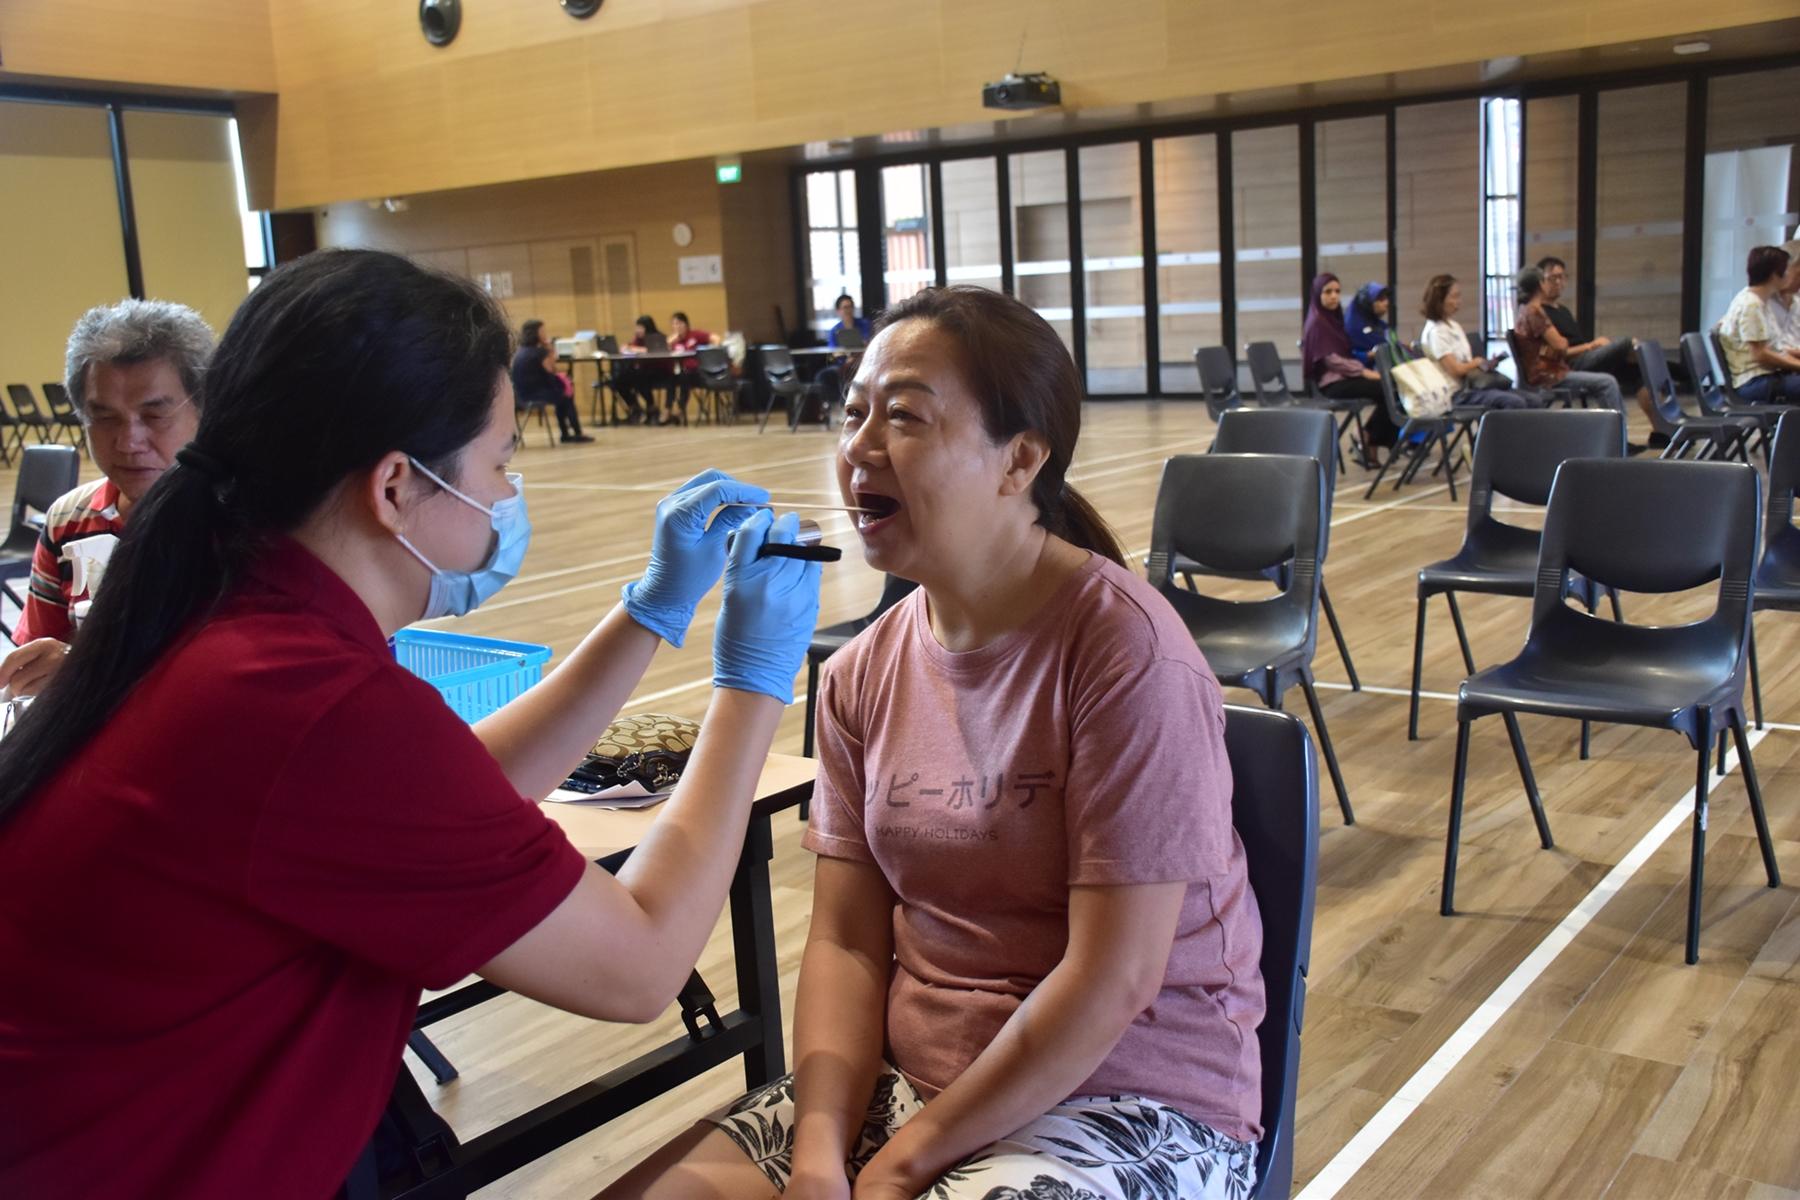 丽珍让护理人员检查牙齿和口腔,她也学到如何保护敏感牙齿。(图/卫生部提供)